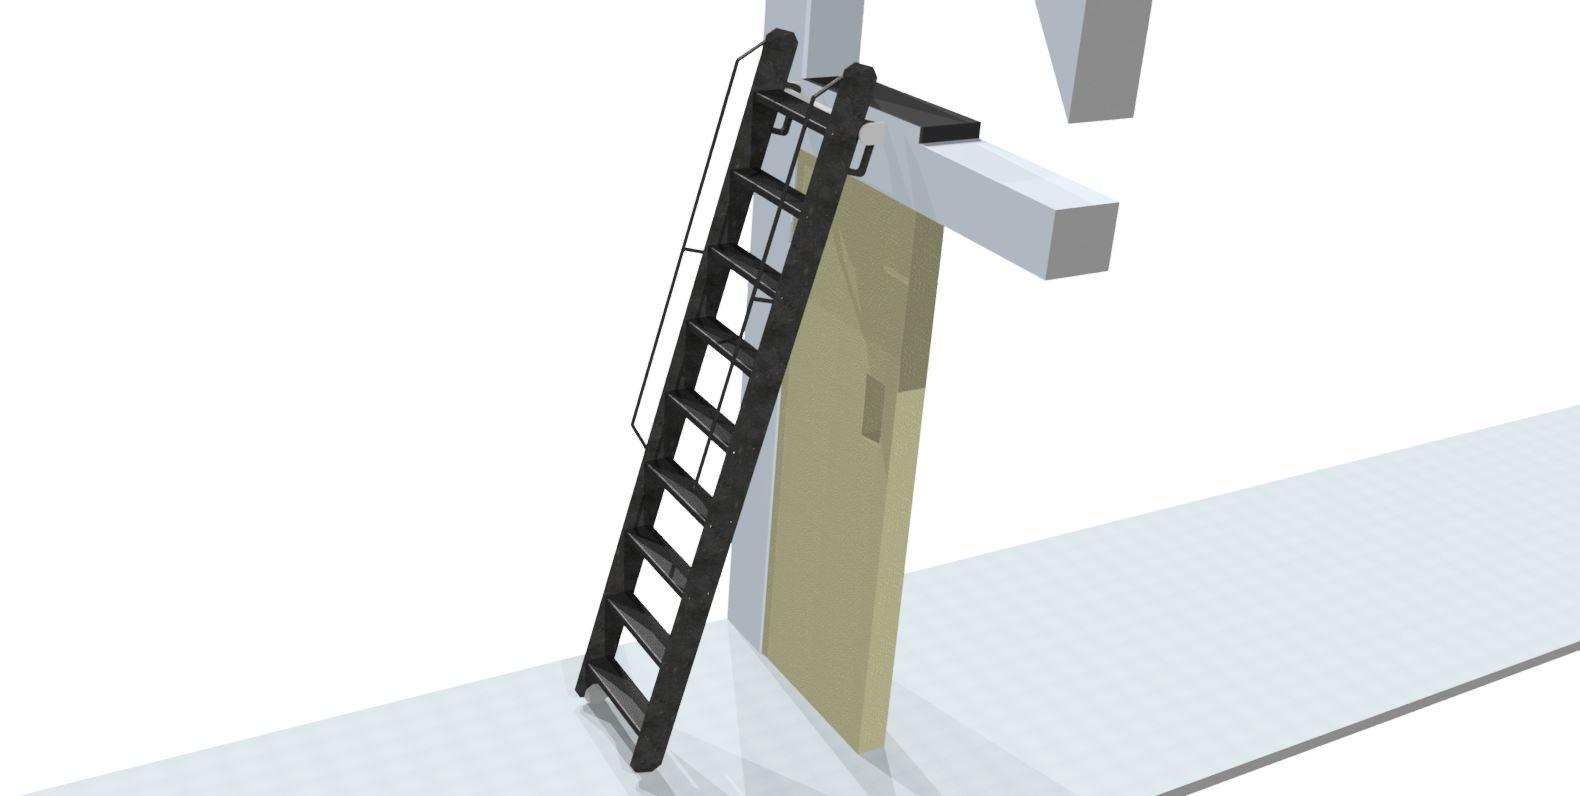 projet echelle escalier_SDB_REV01_3